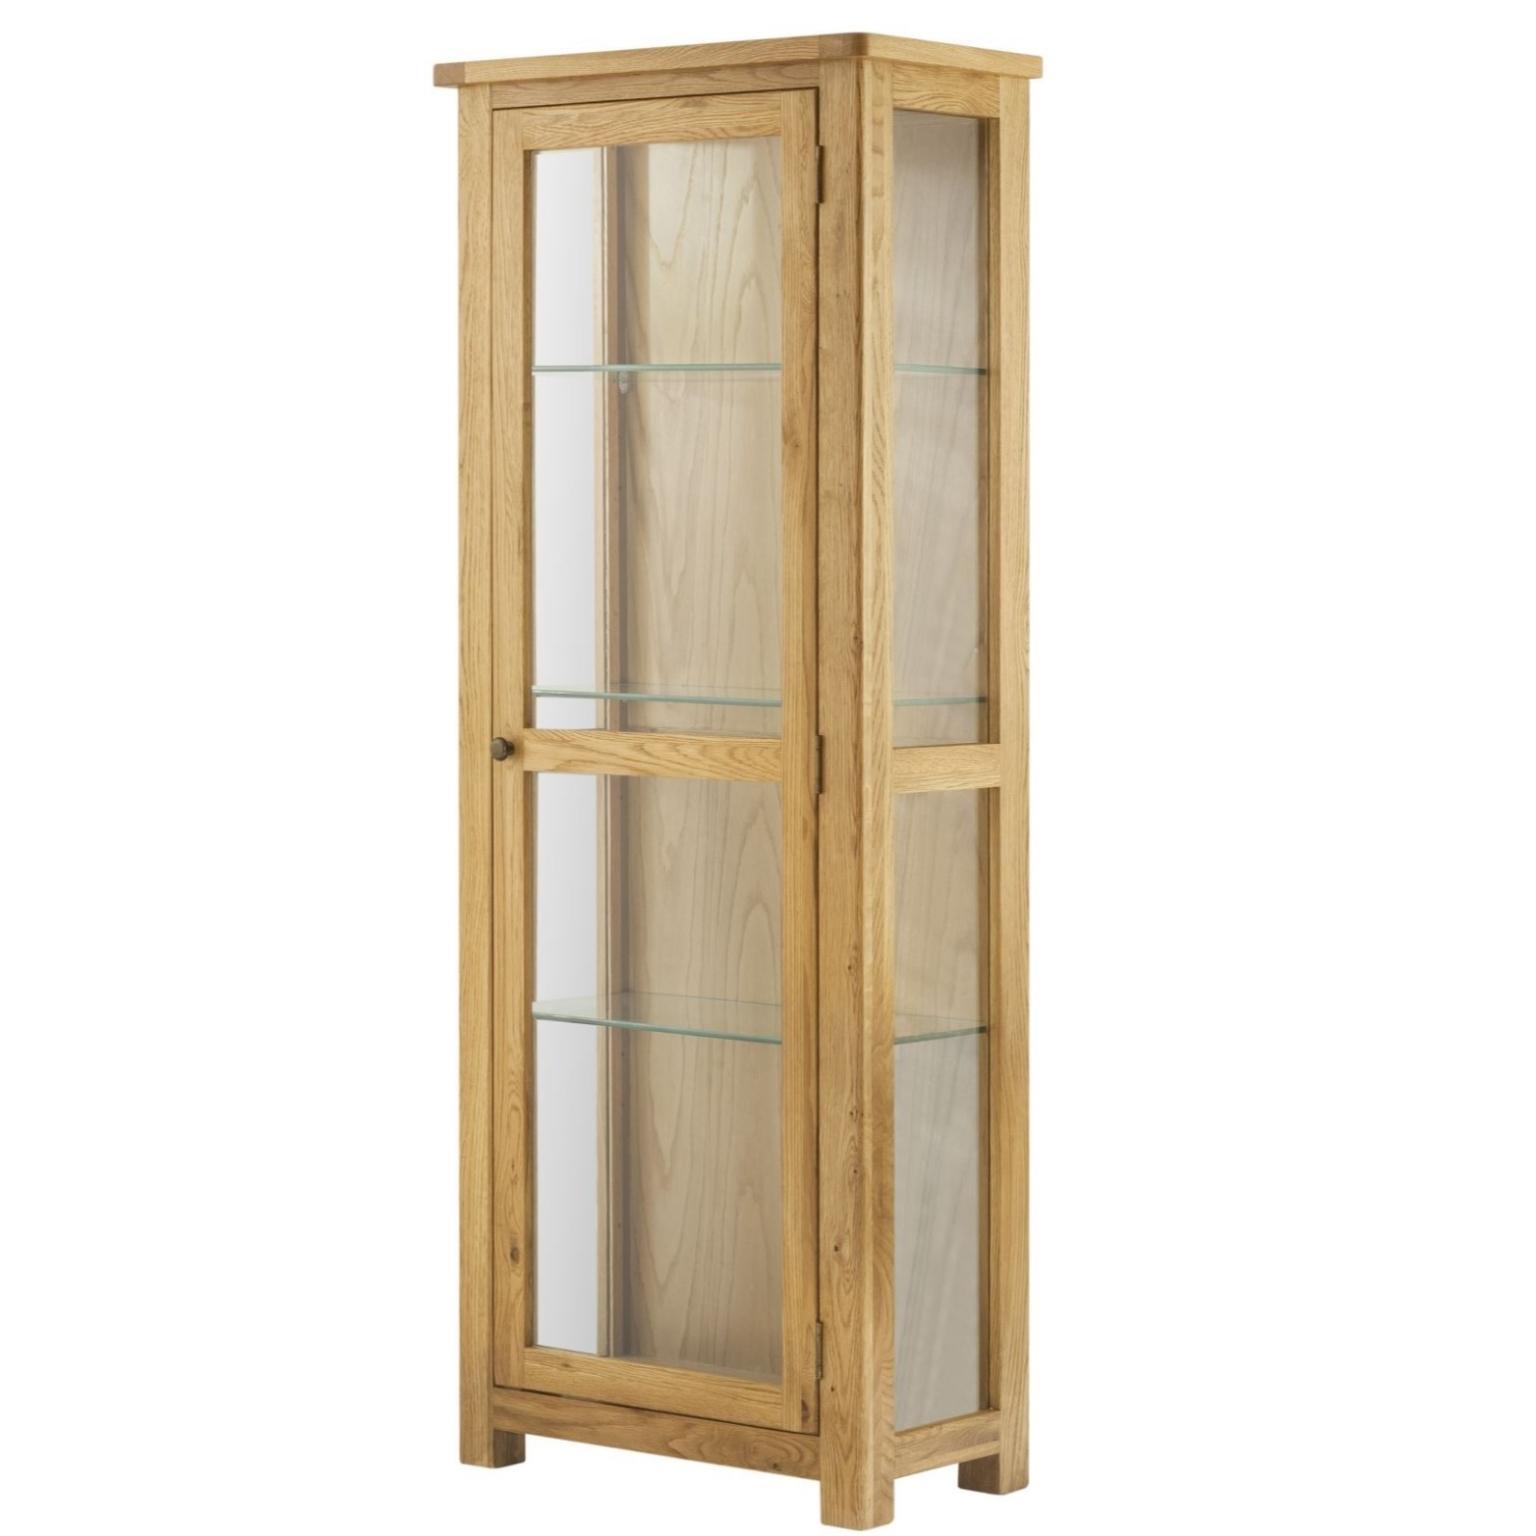 Cotswold Glazed Display Cabinet - Oak